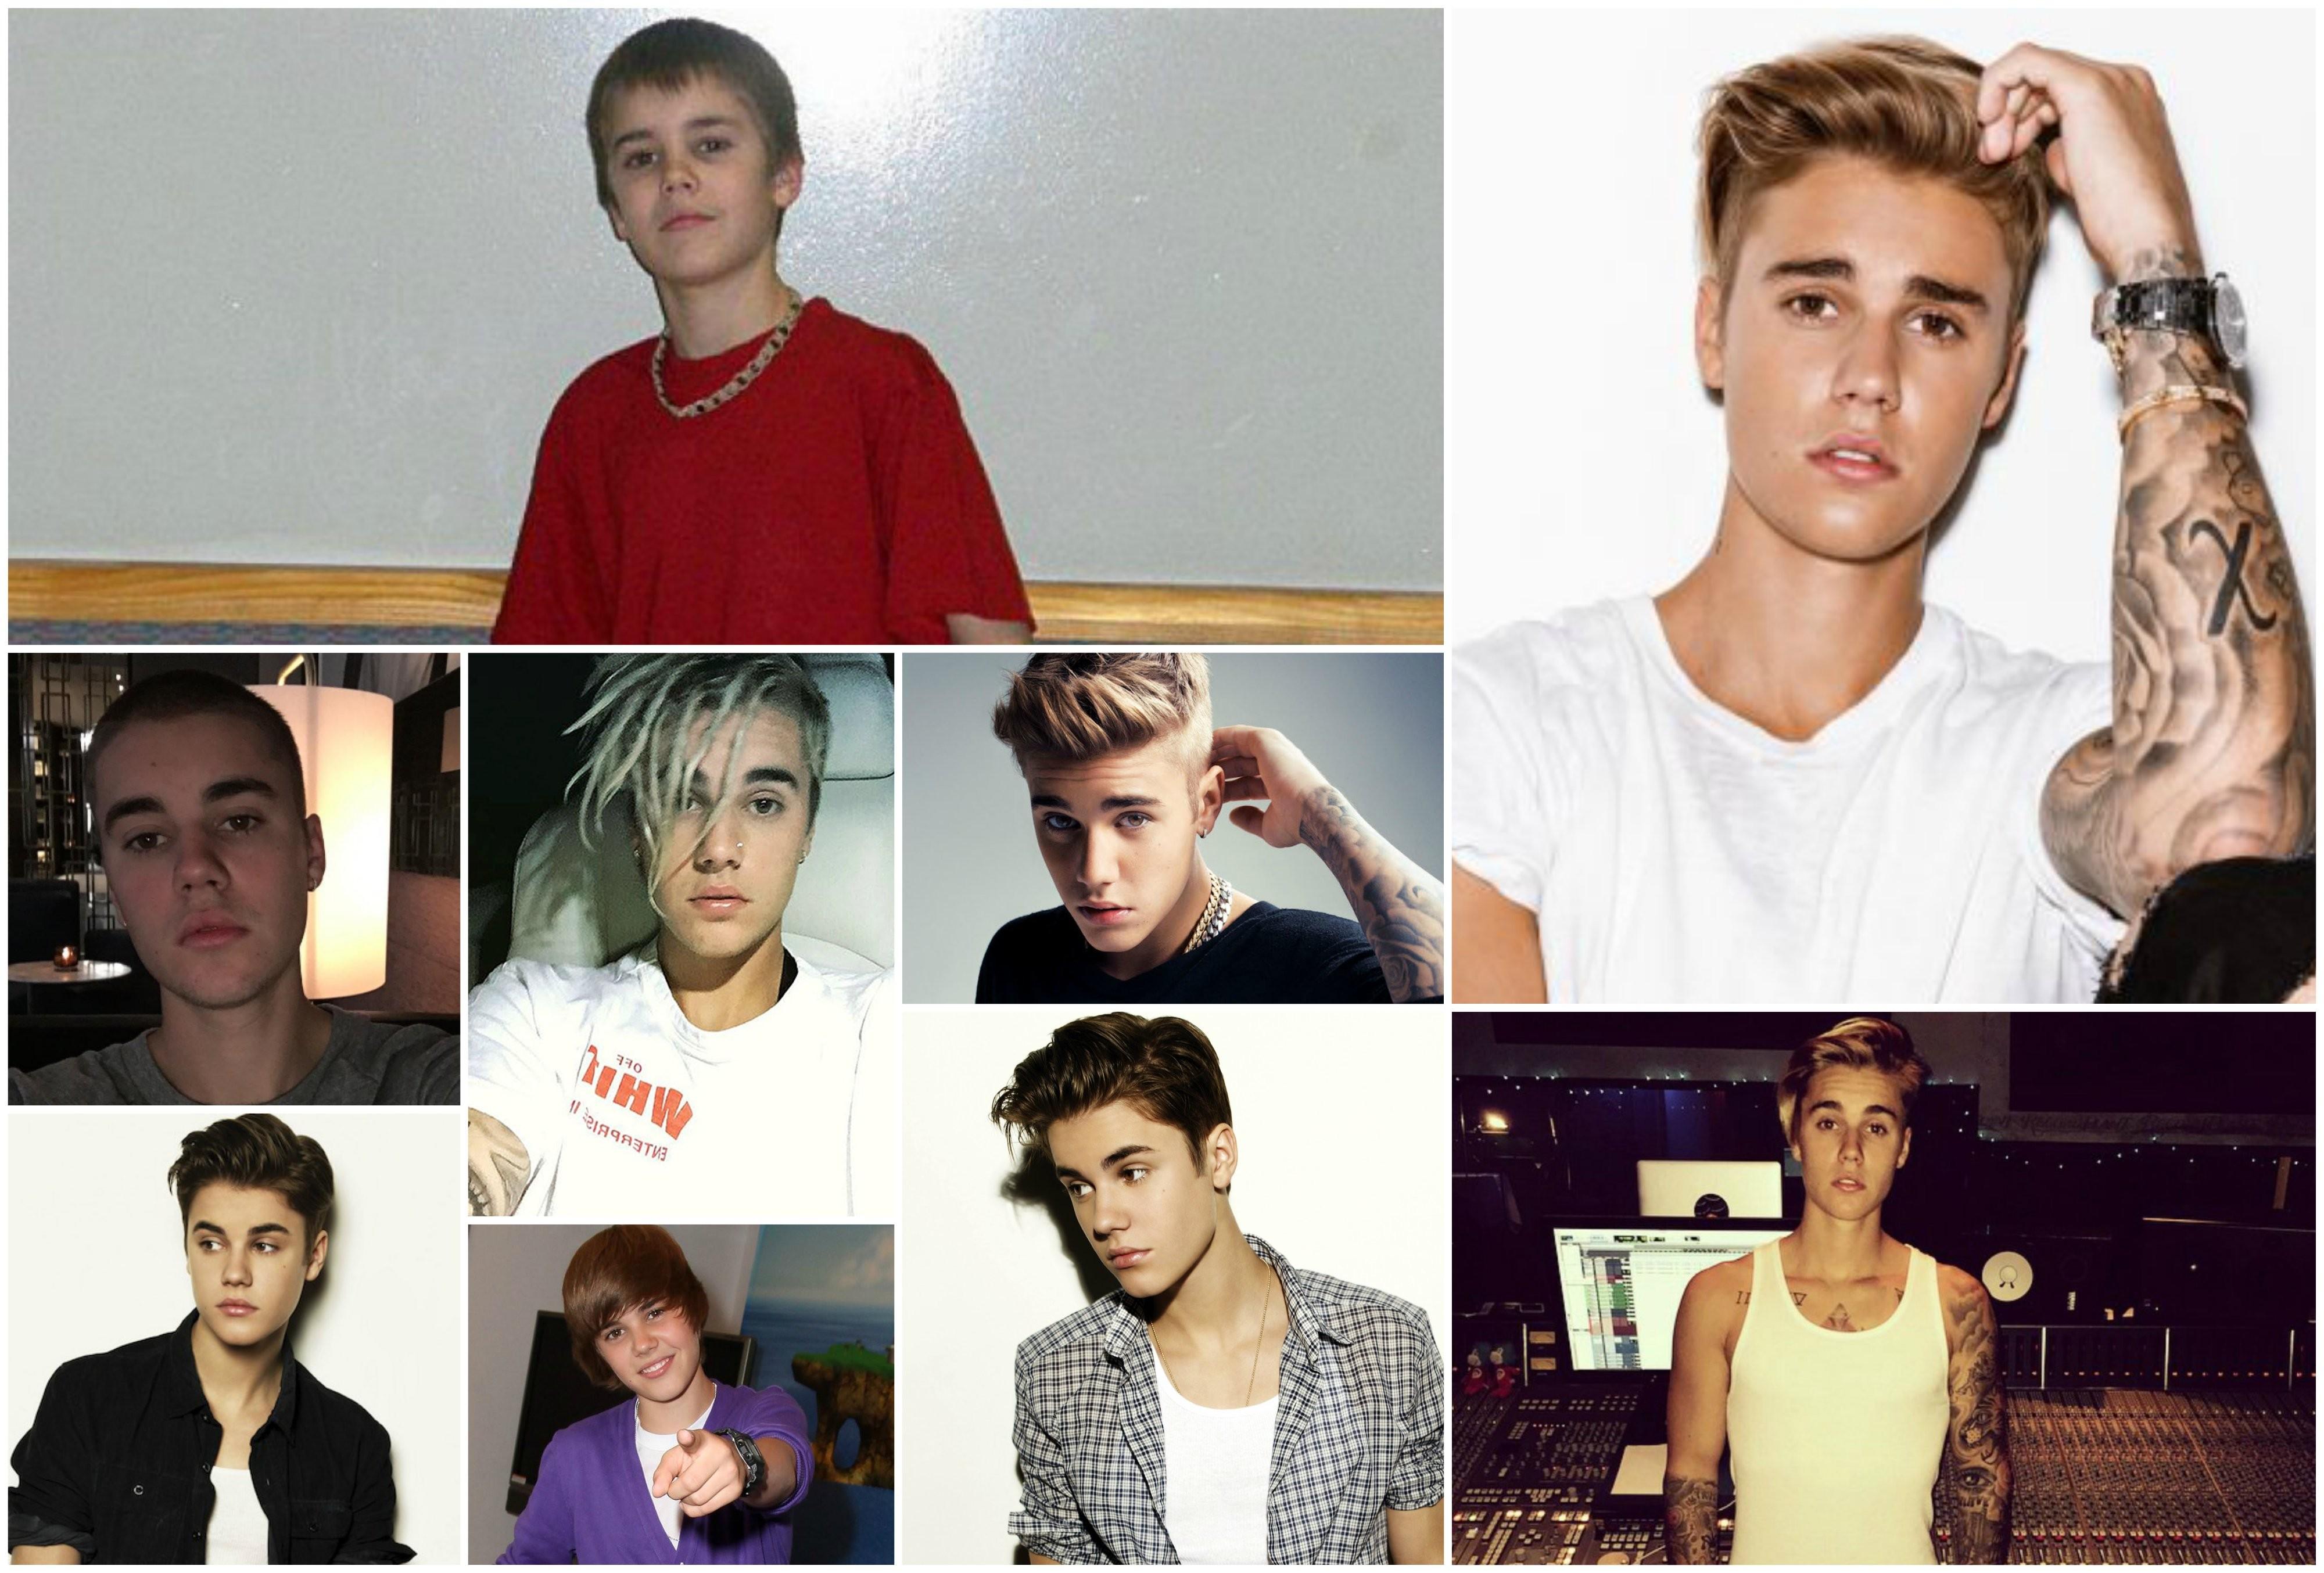 Do comeo da carreira, aos 12, at os dias de hoje: muitos looks e sucessos diferentes (Foto: Reproduo/Instagram)